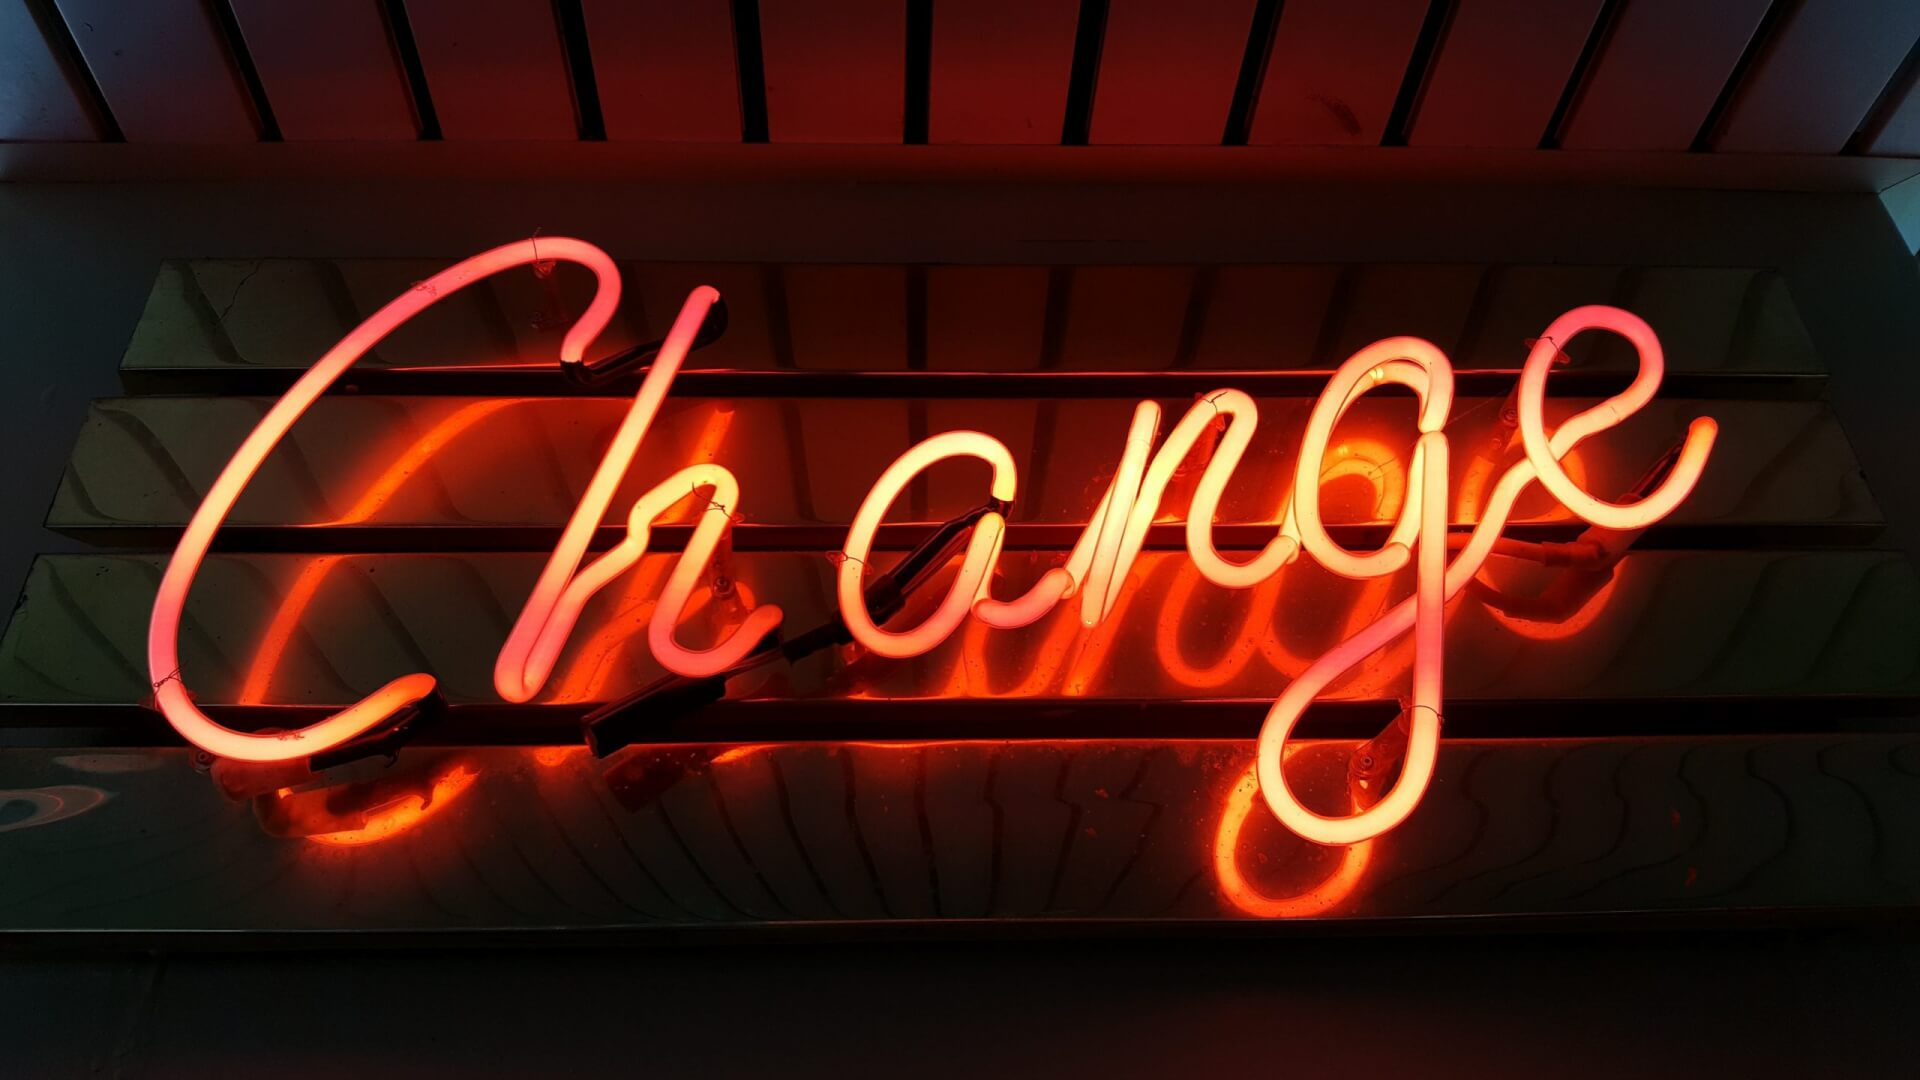 Czy życie zmienia się po trzydziestce?